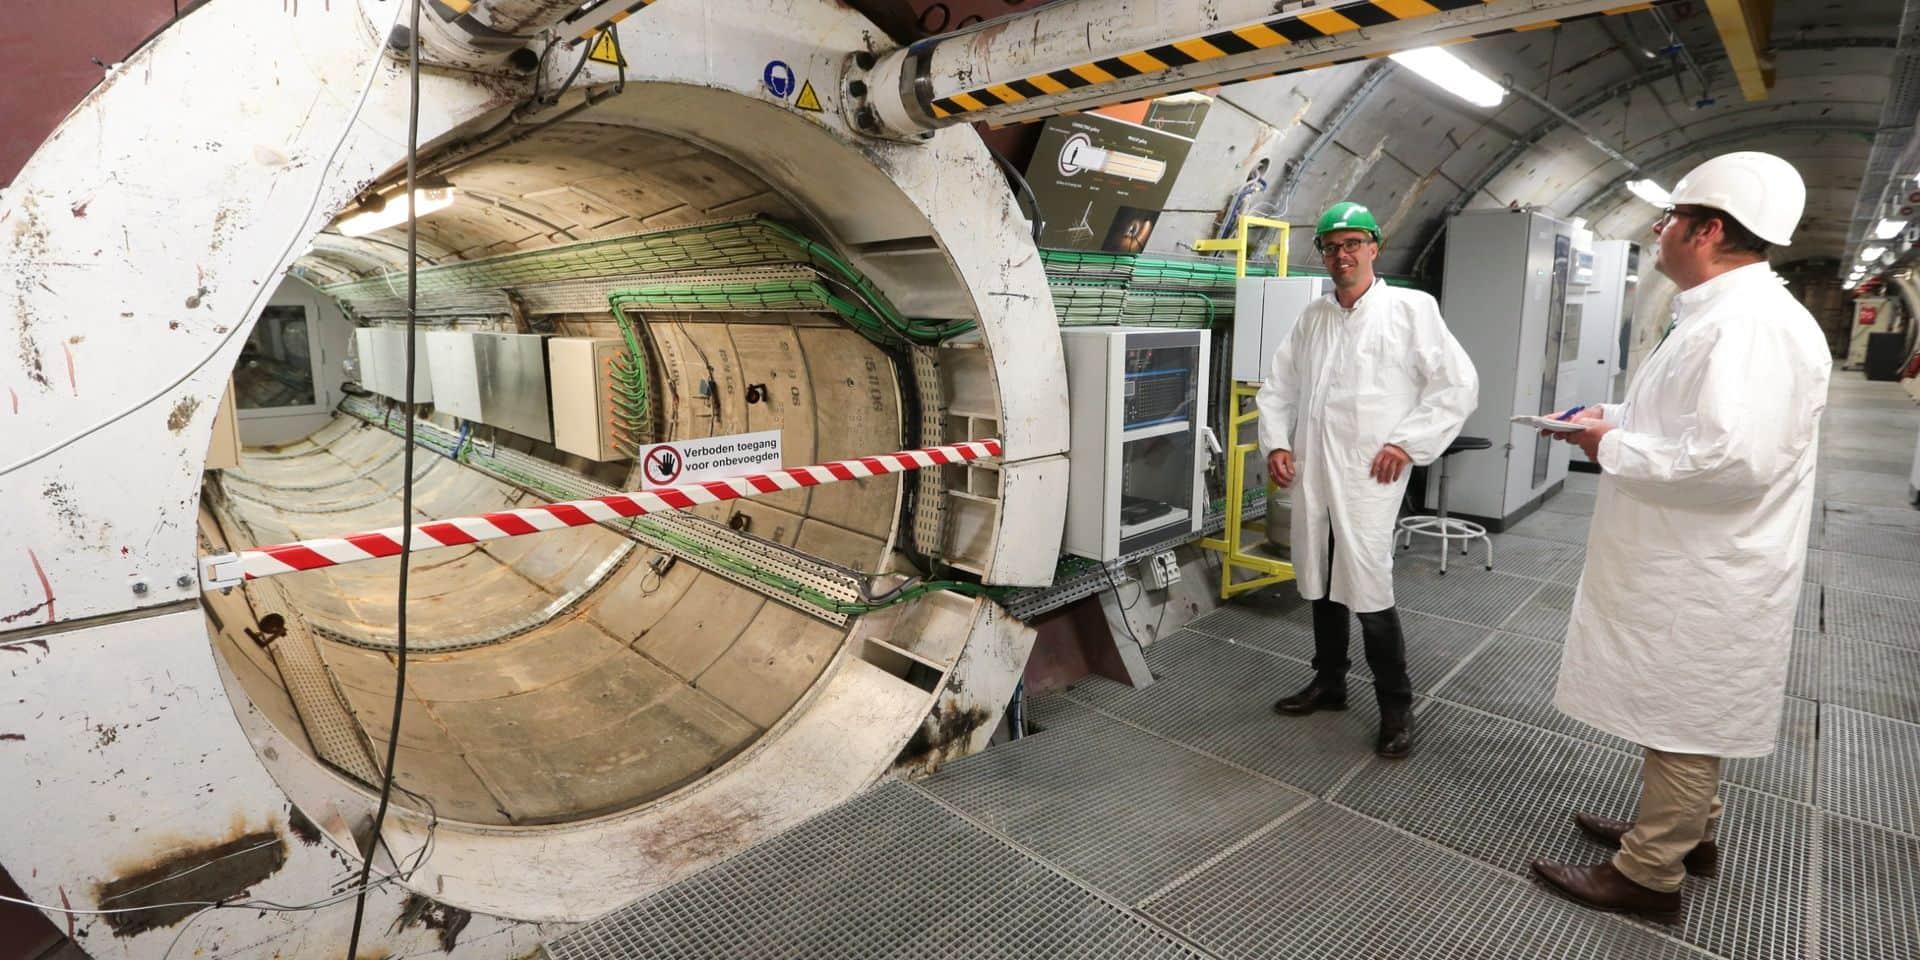 Des déchets radioactifs bientôt enfouis en Brabant wallon?